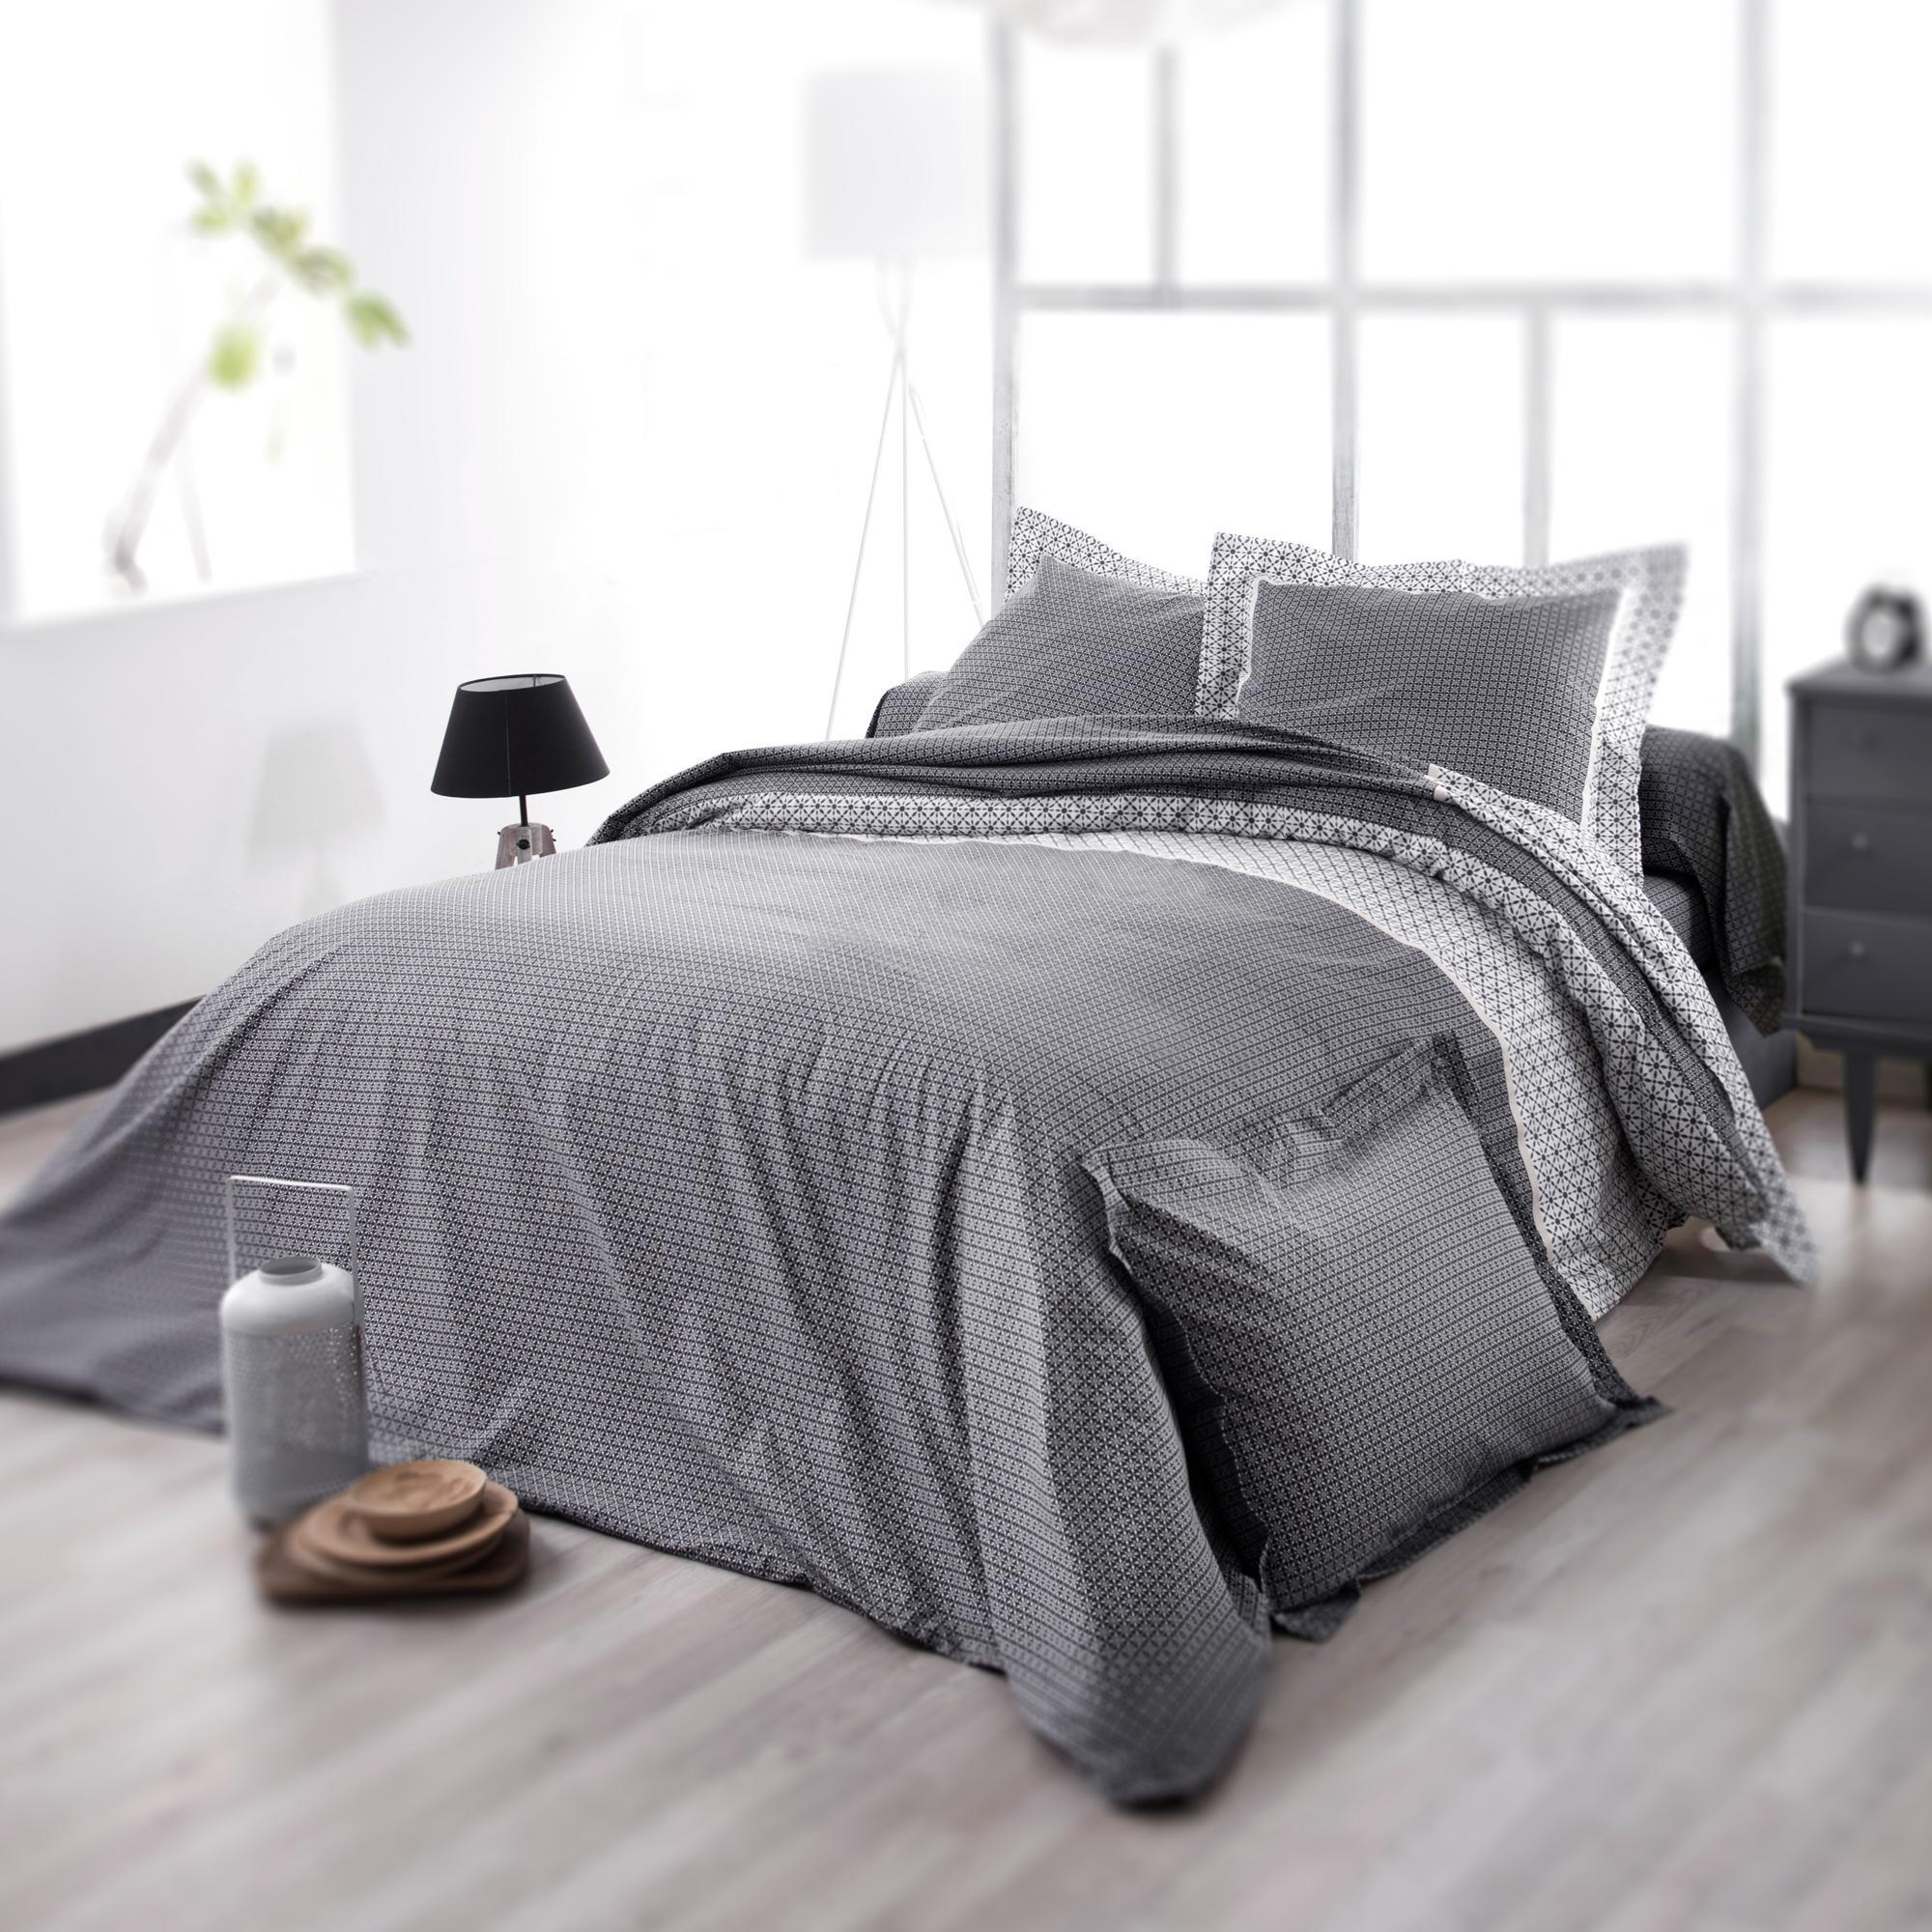 Housse De Couette Noir Blanc Gris housse de couette 260x240 cm satin de coton wesley gris noir